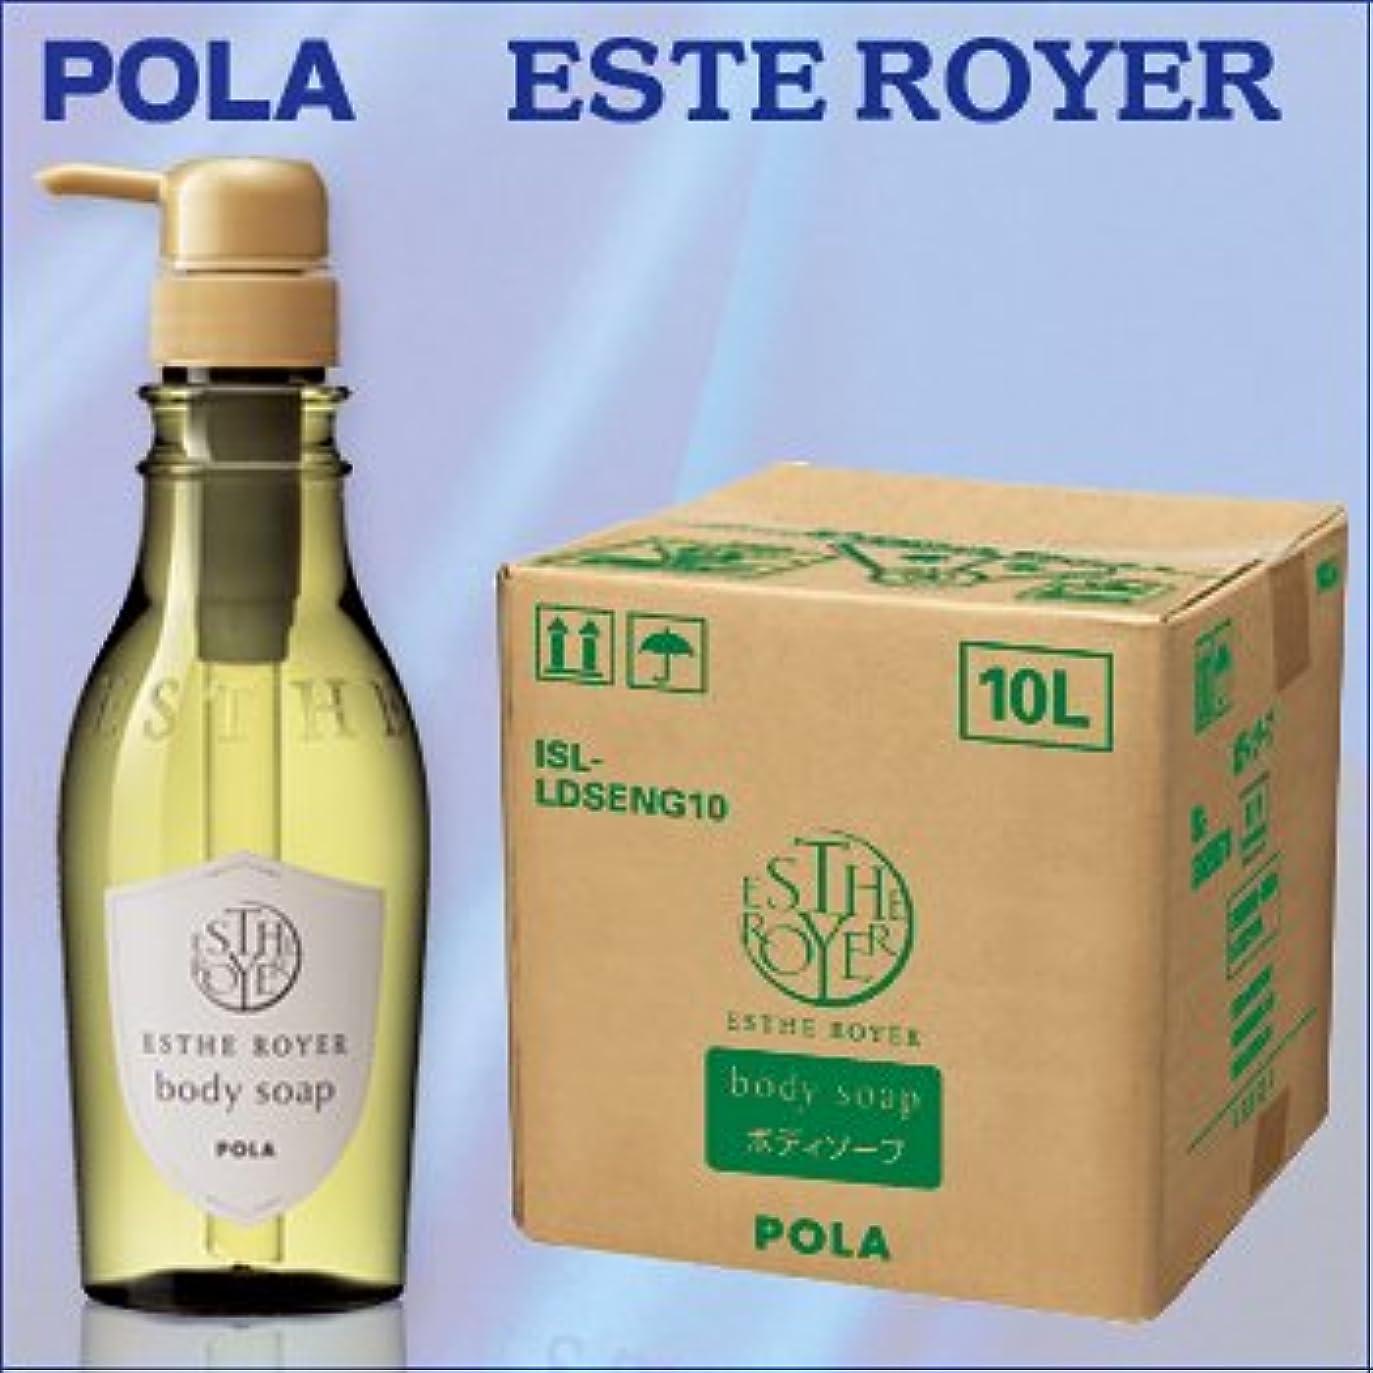 柔和講師多くの危険がある状況POLA エステロワイエ 業務用ボディソープ 10L (1セット10L入)